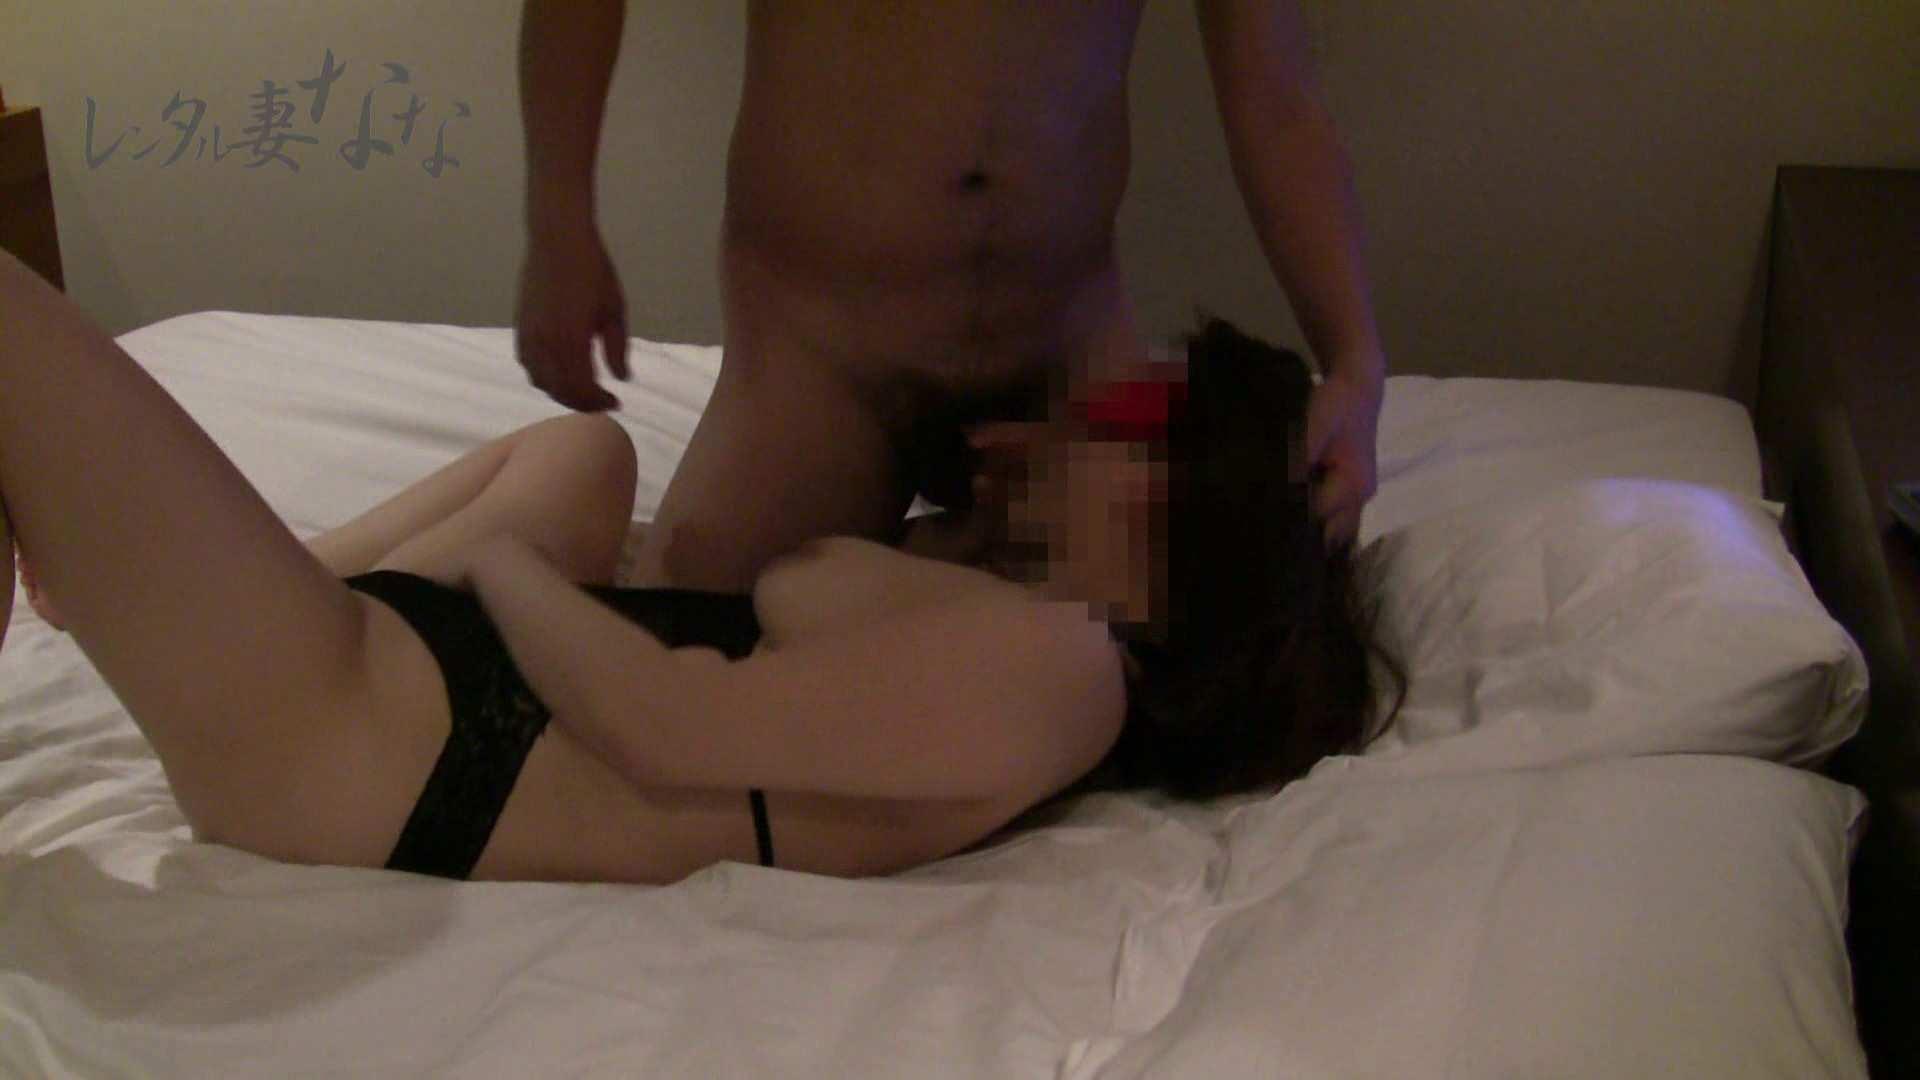 レンタル妻ななvol.5 SEX編 バイブ アダルト動画キャプチャ 95連発 14